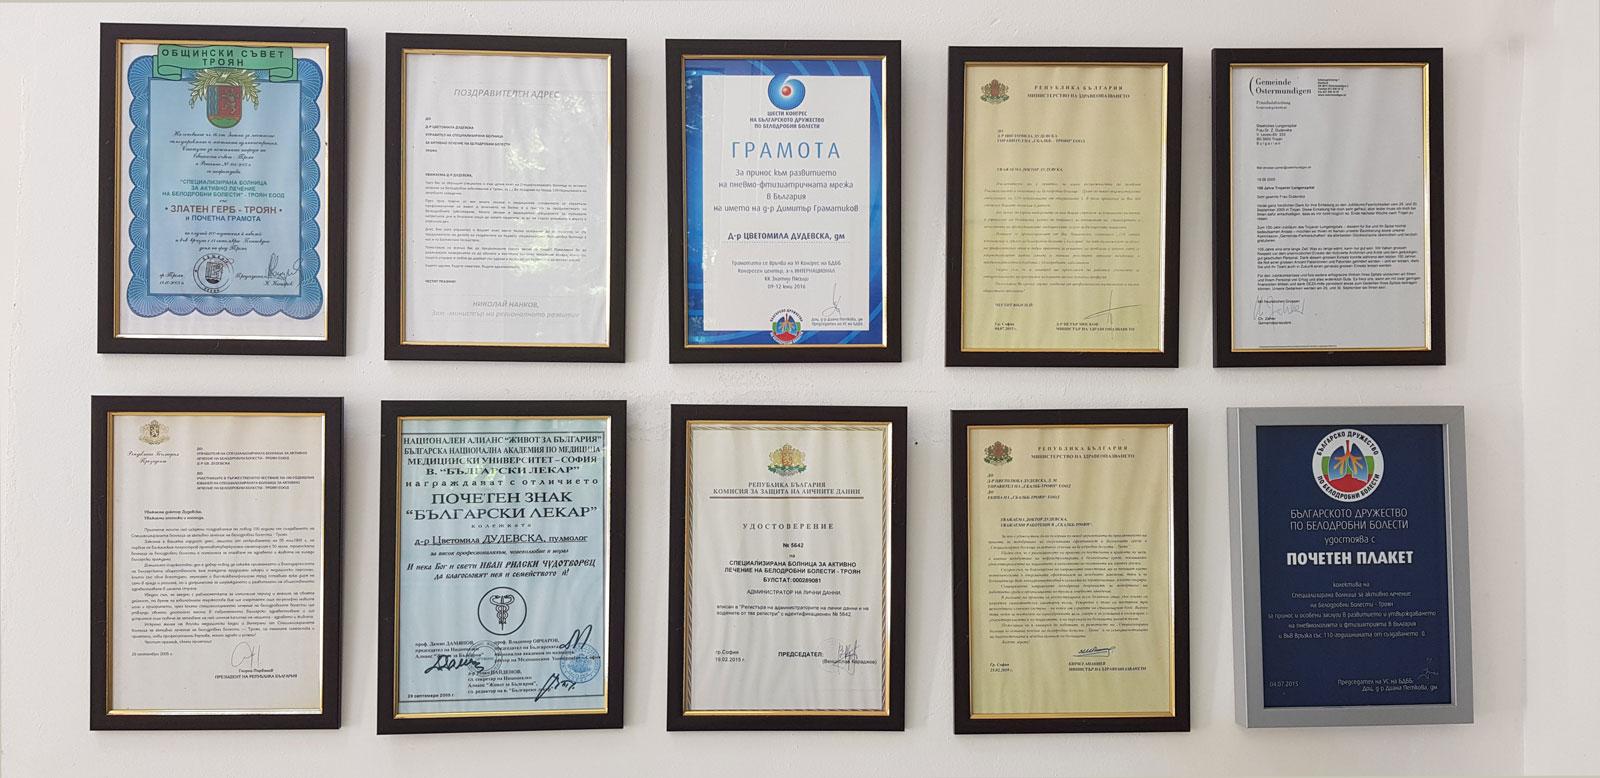 сертификати сбалбб троян